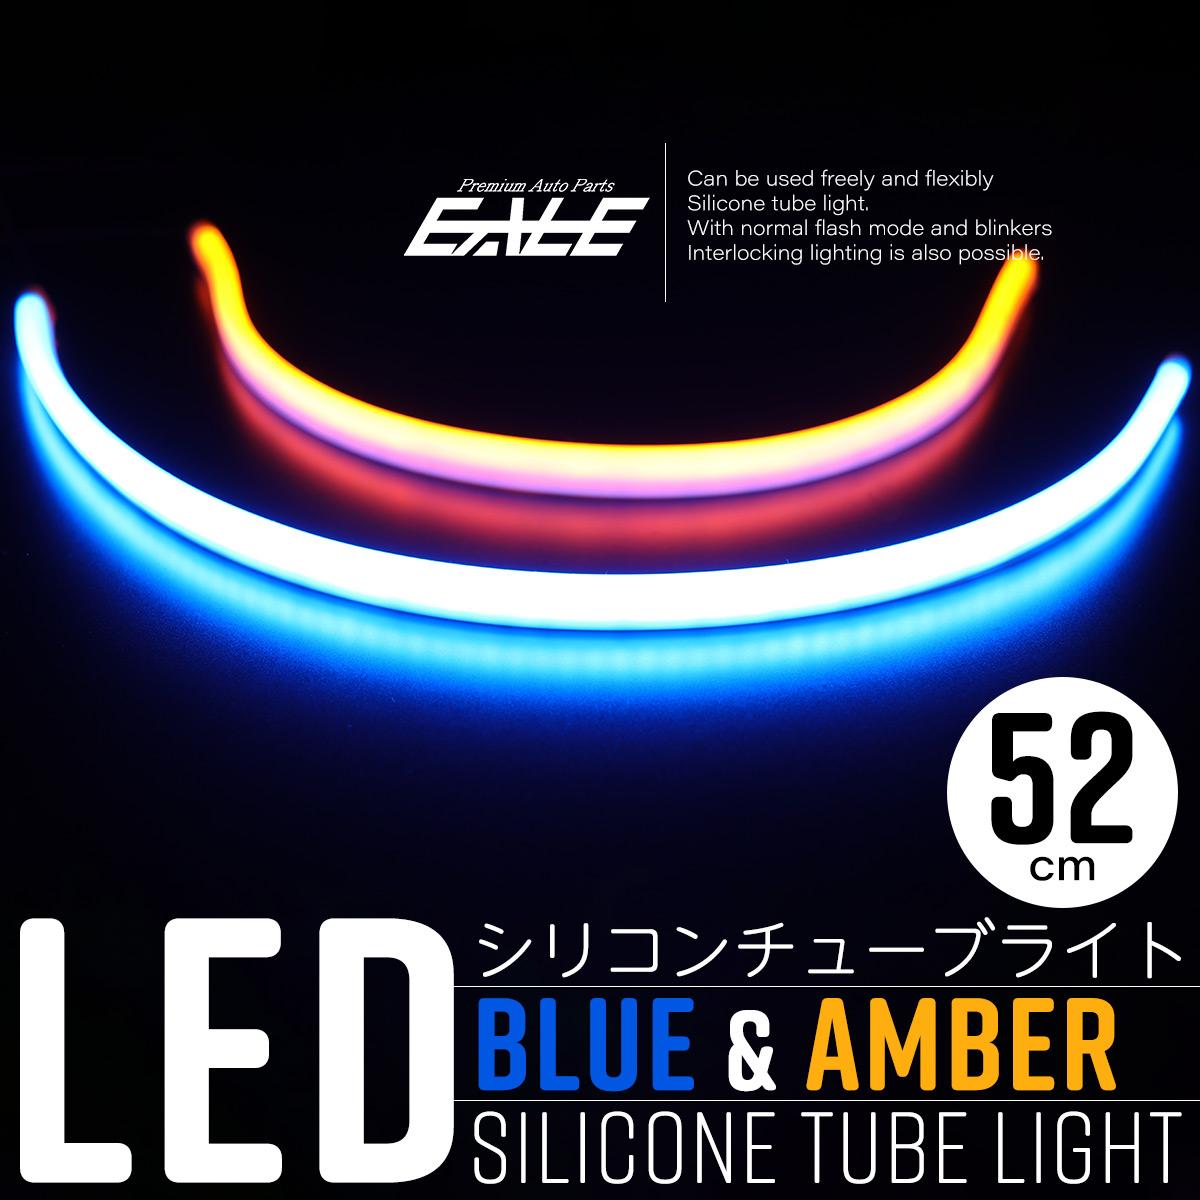 【ネコポス可】 LED シリコン チューブ ライト ウインカー連動機能付 52cm ブルー&アンバー発光 DC12V 2本セット P-558